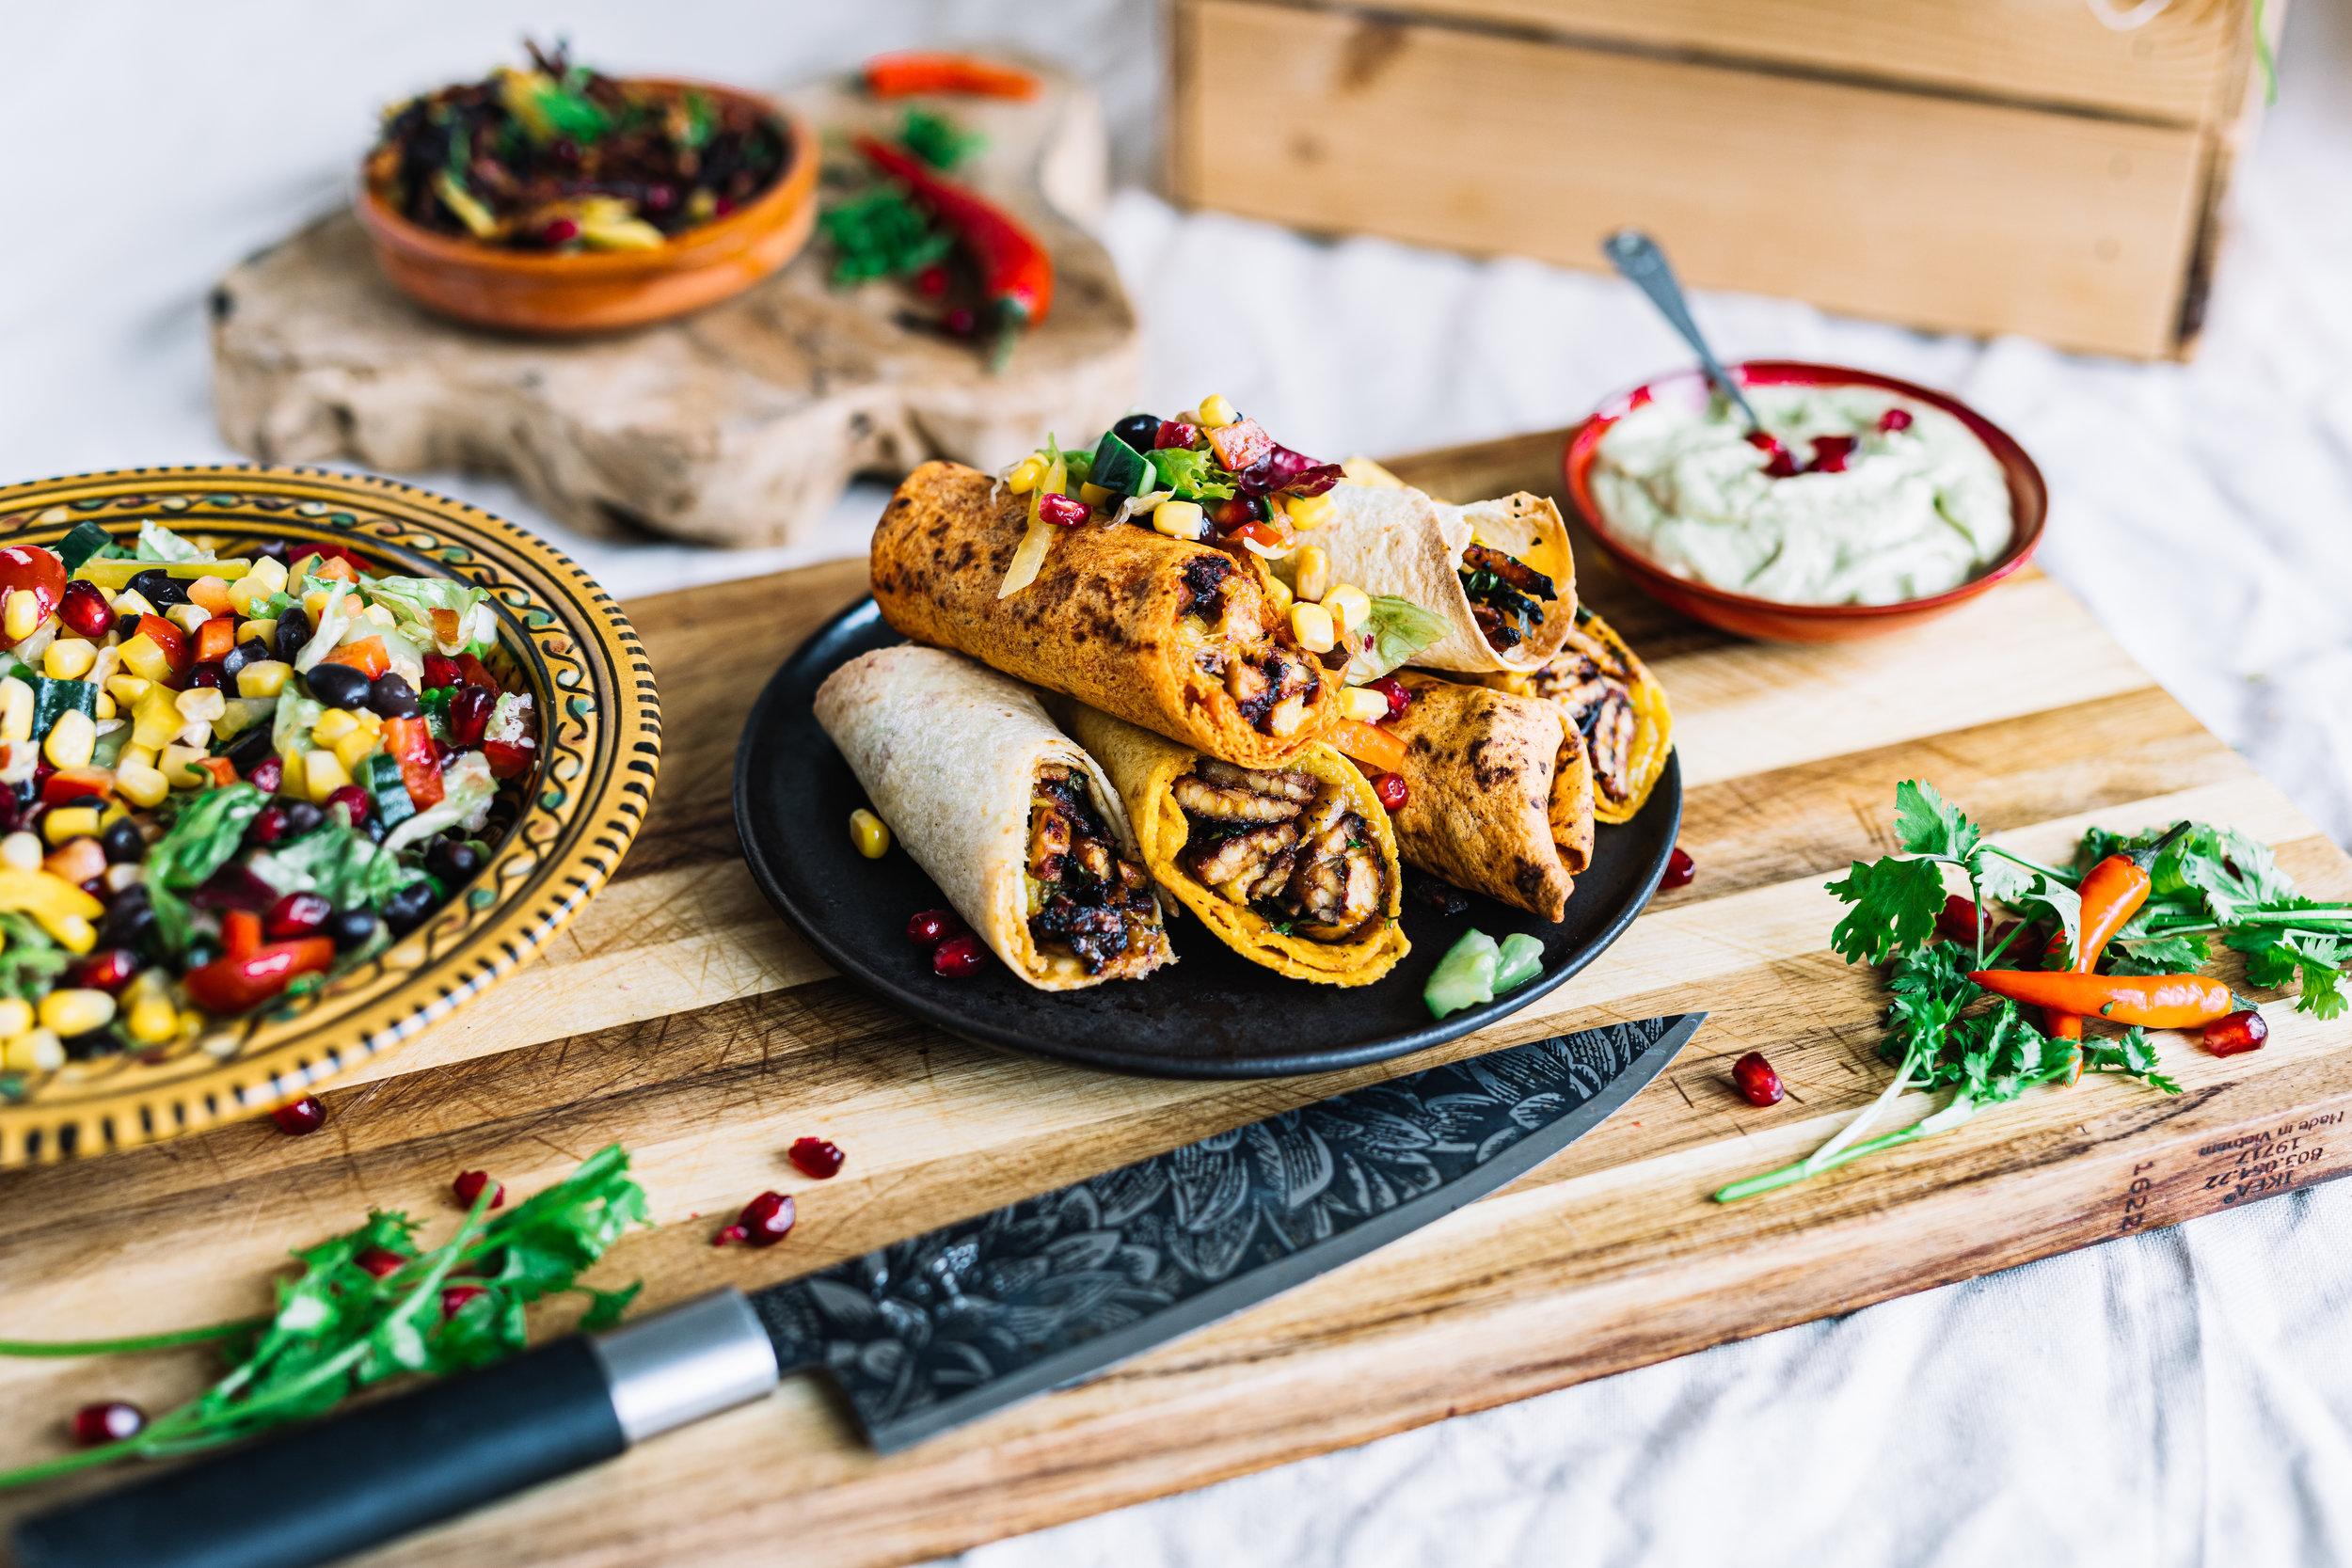 Sweet & spicy flautas met tempeh4.jpg